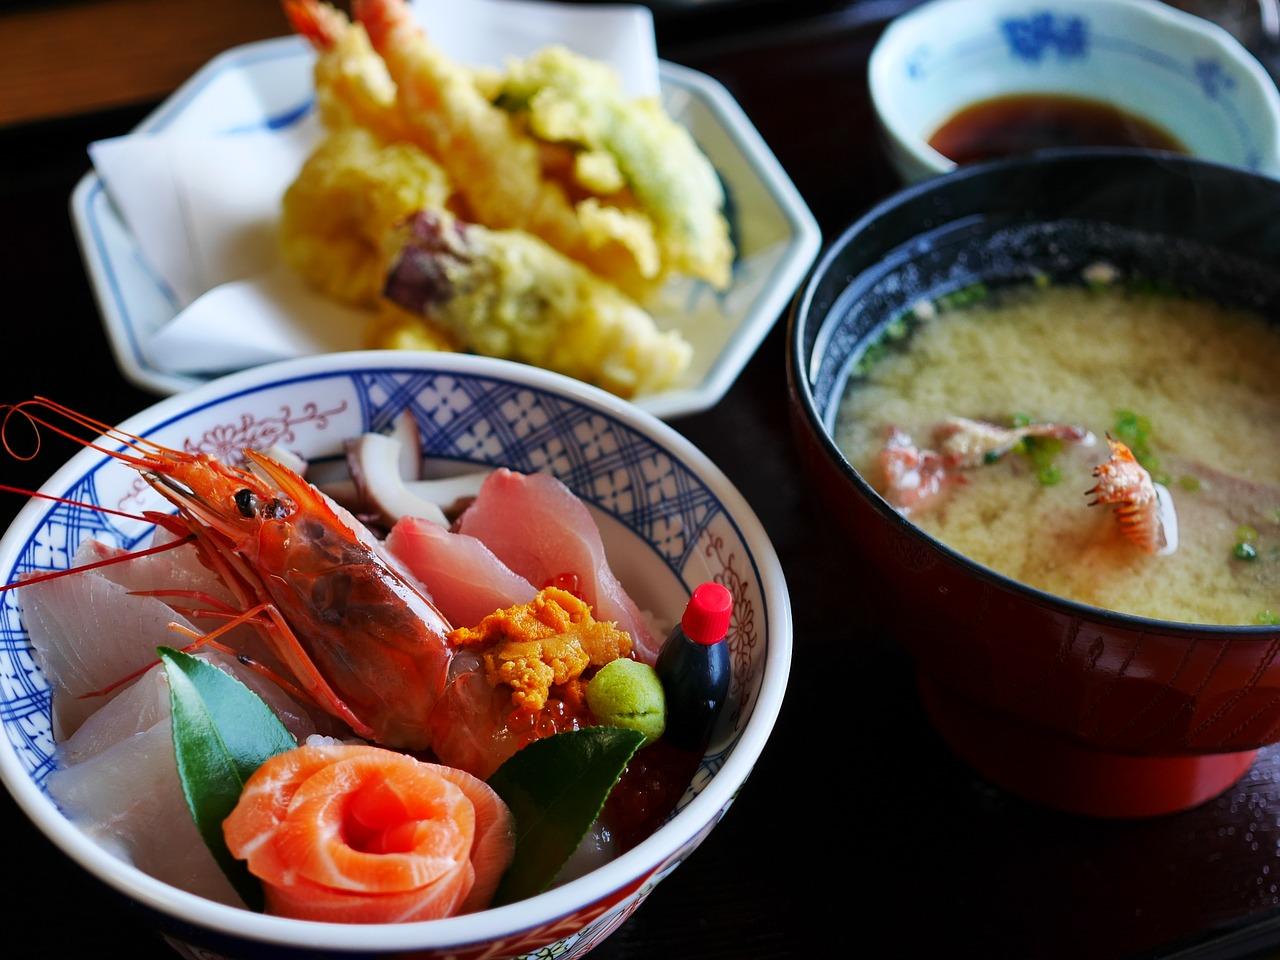 日本遊一定要購買日本自遊行套票嗎